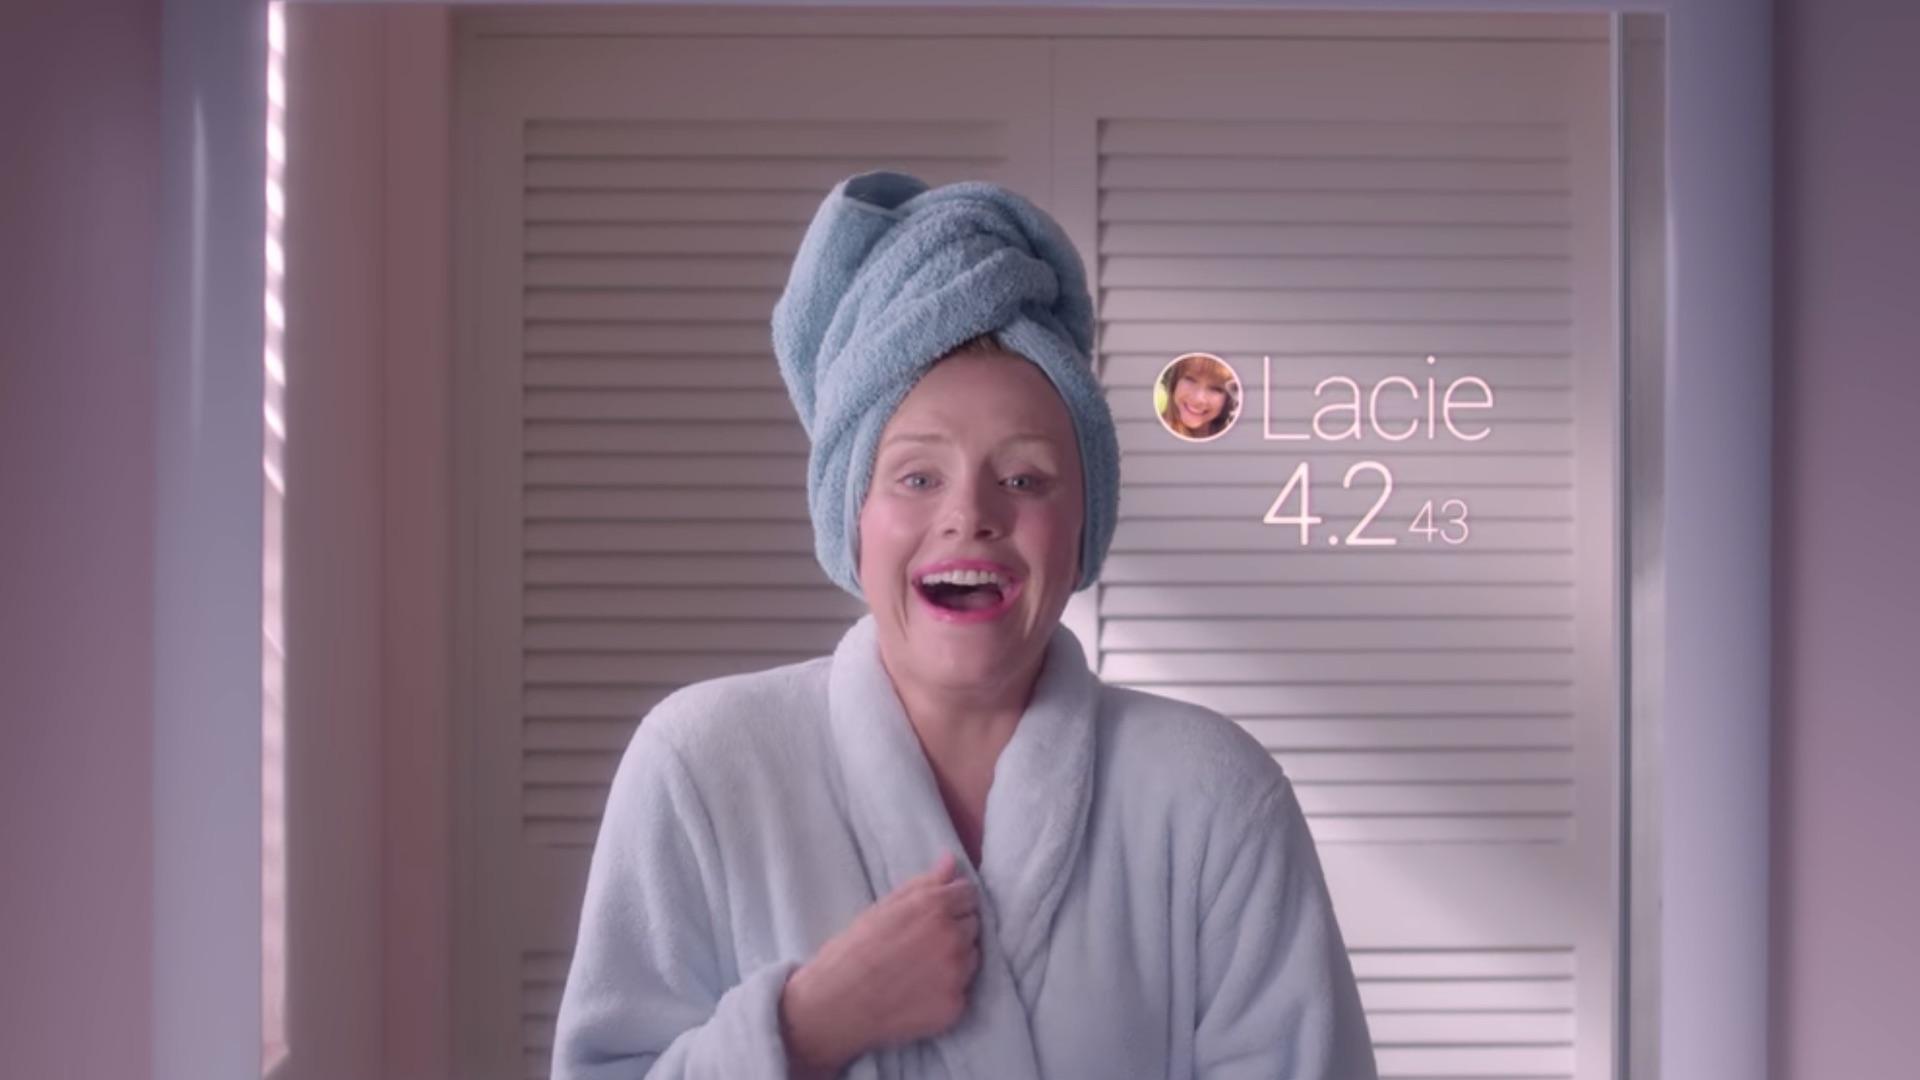 Clearview conseille de faire n'importe quoi avec son logiciel de reconnaissance faciale